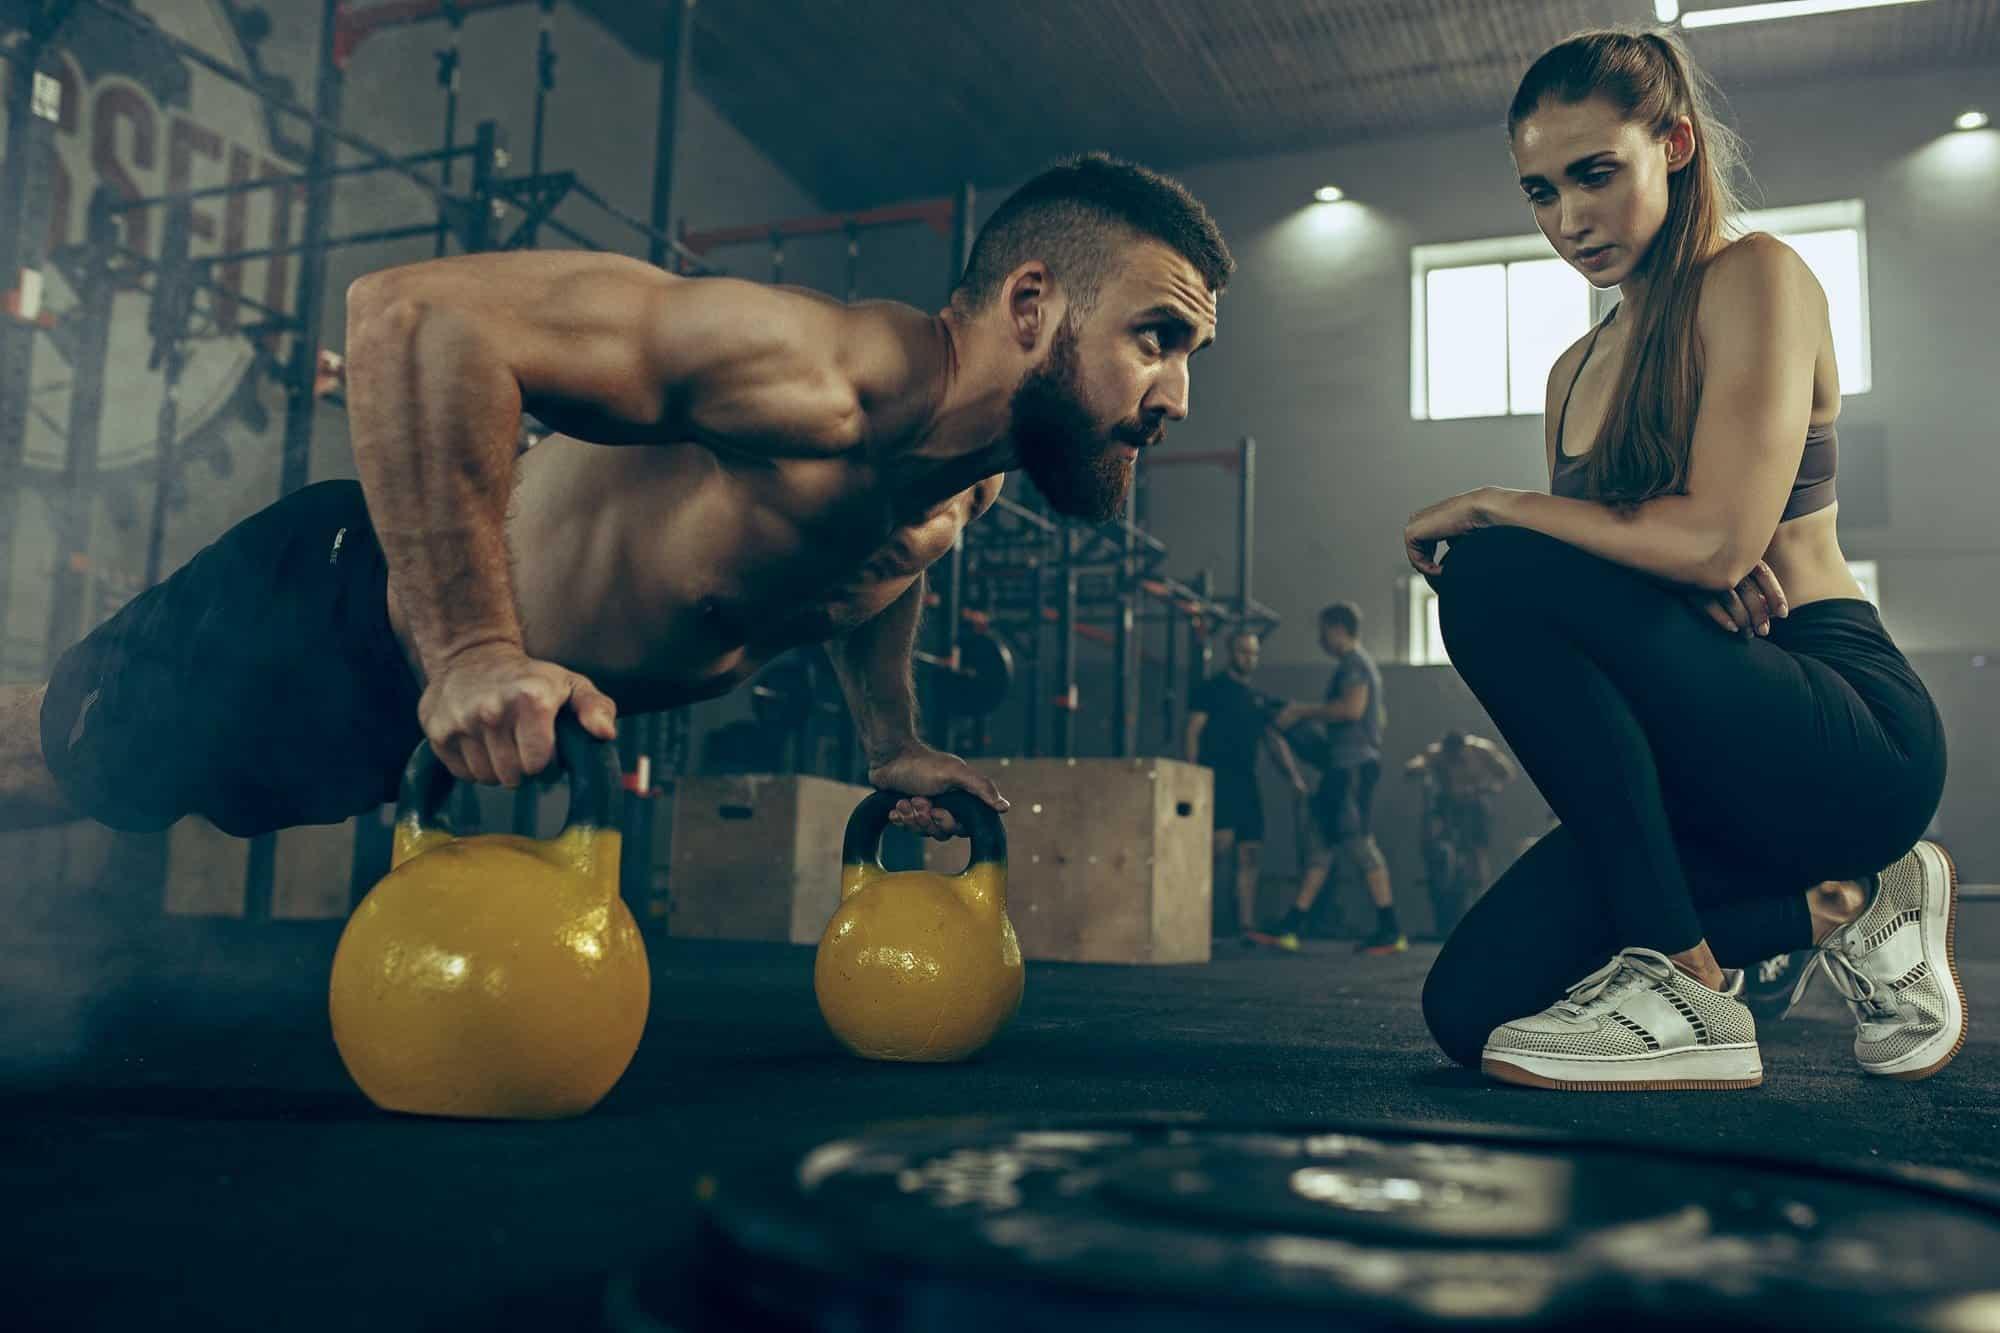 fase de definição muscular